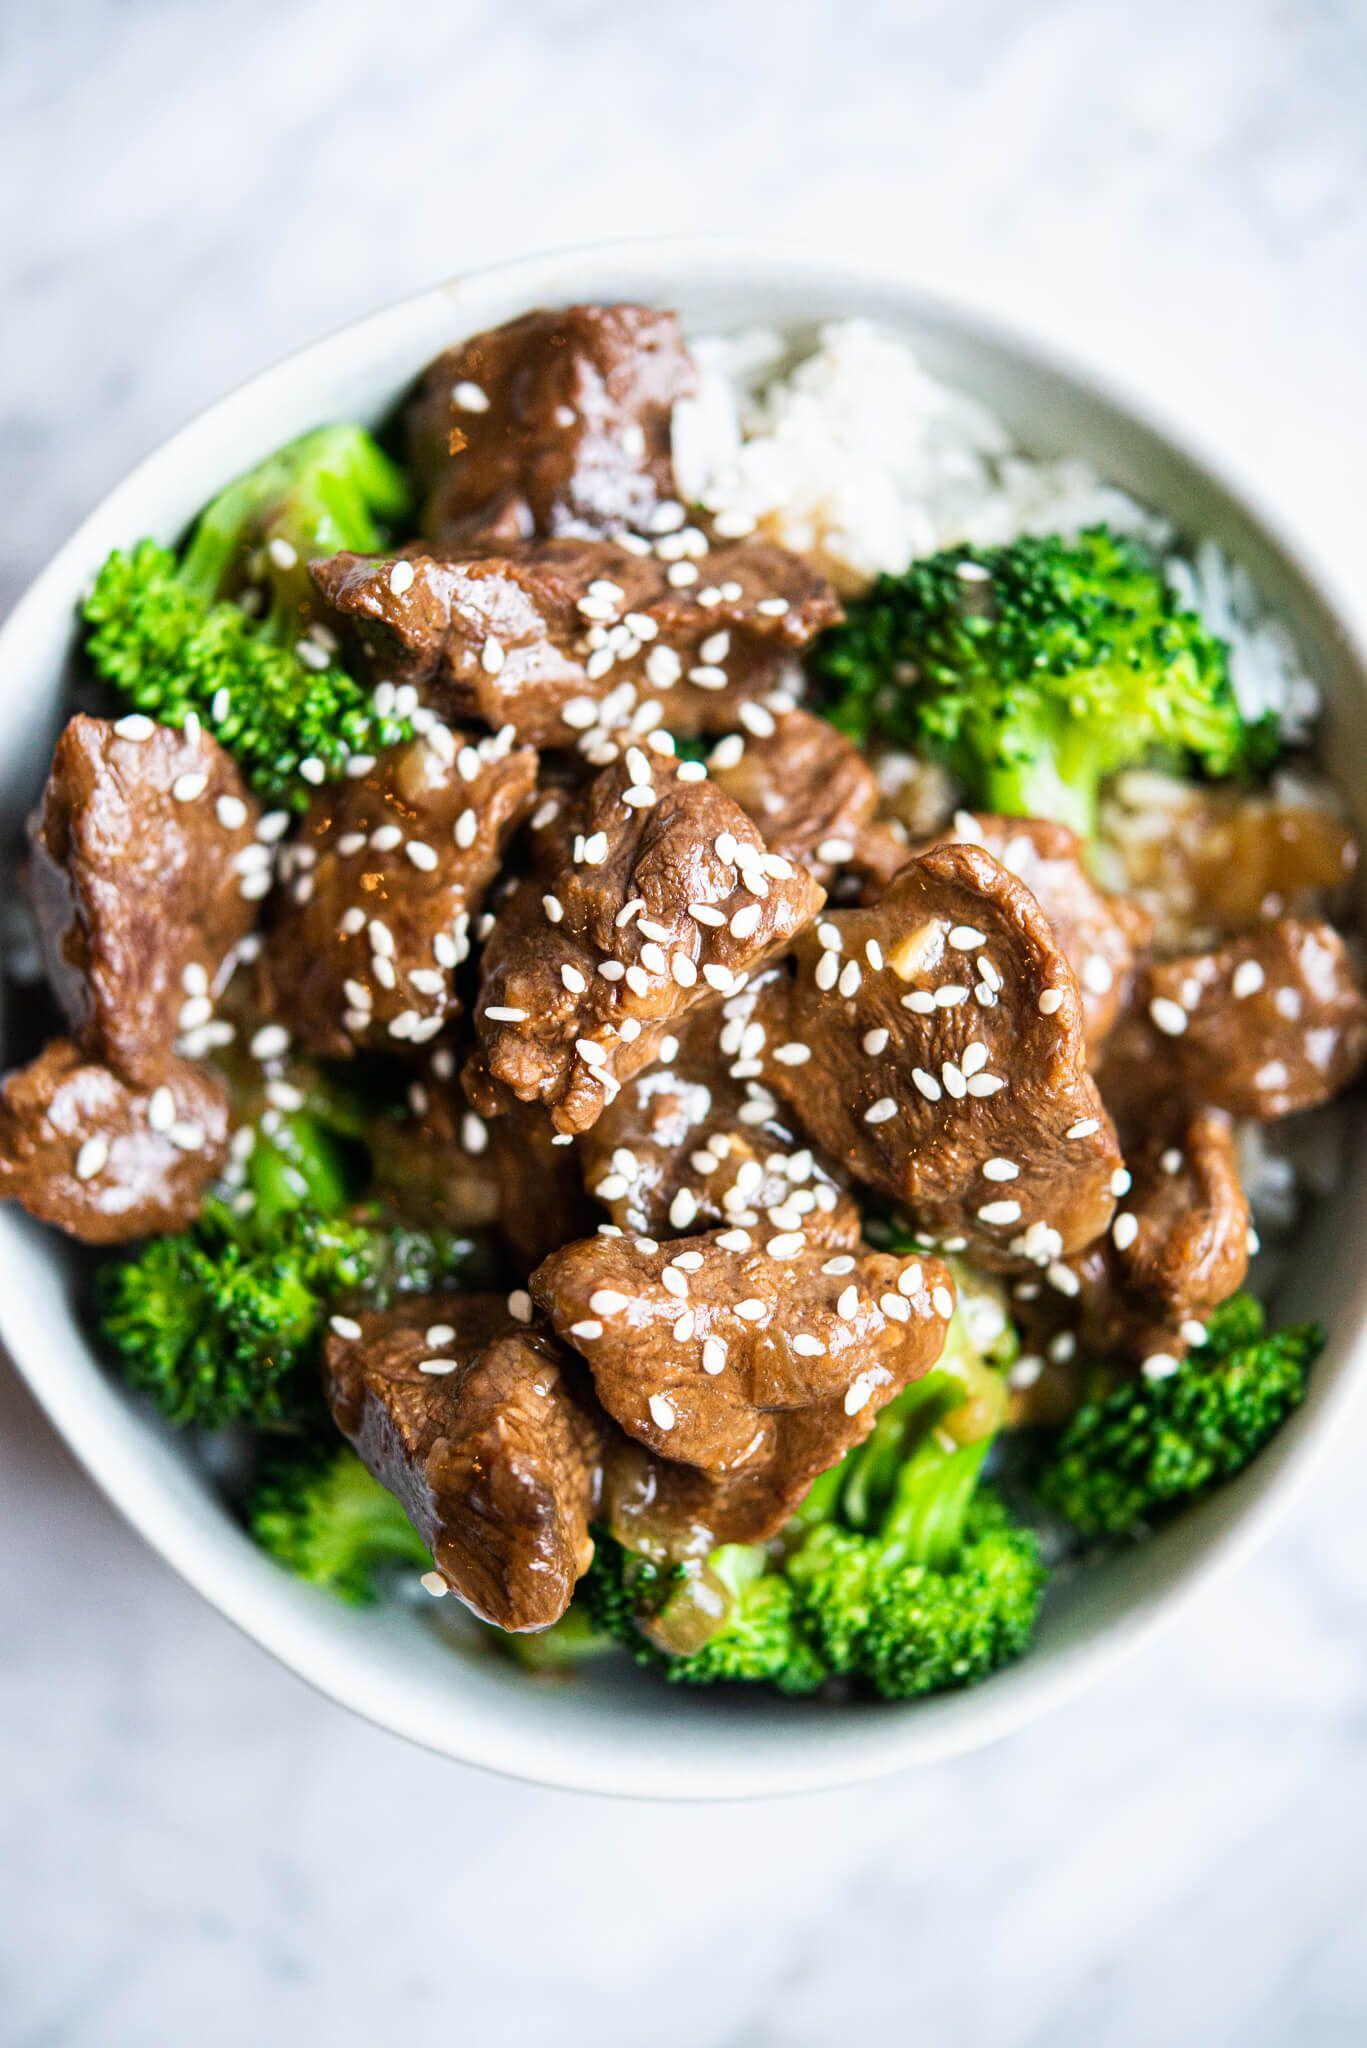 Instant Pot Beef Broccoli Recipe Broccoli Beef Beef Cube Steak Recipes Pot Recipes Healthy